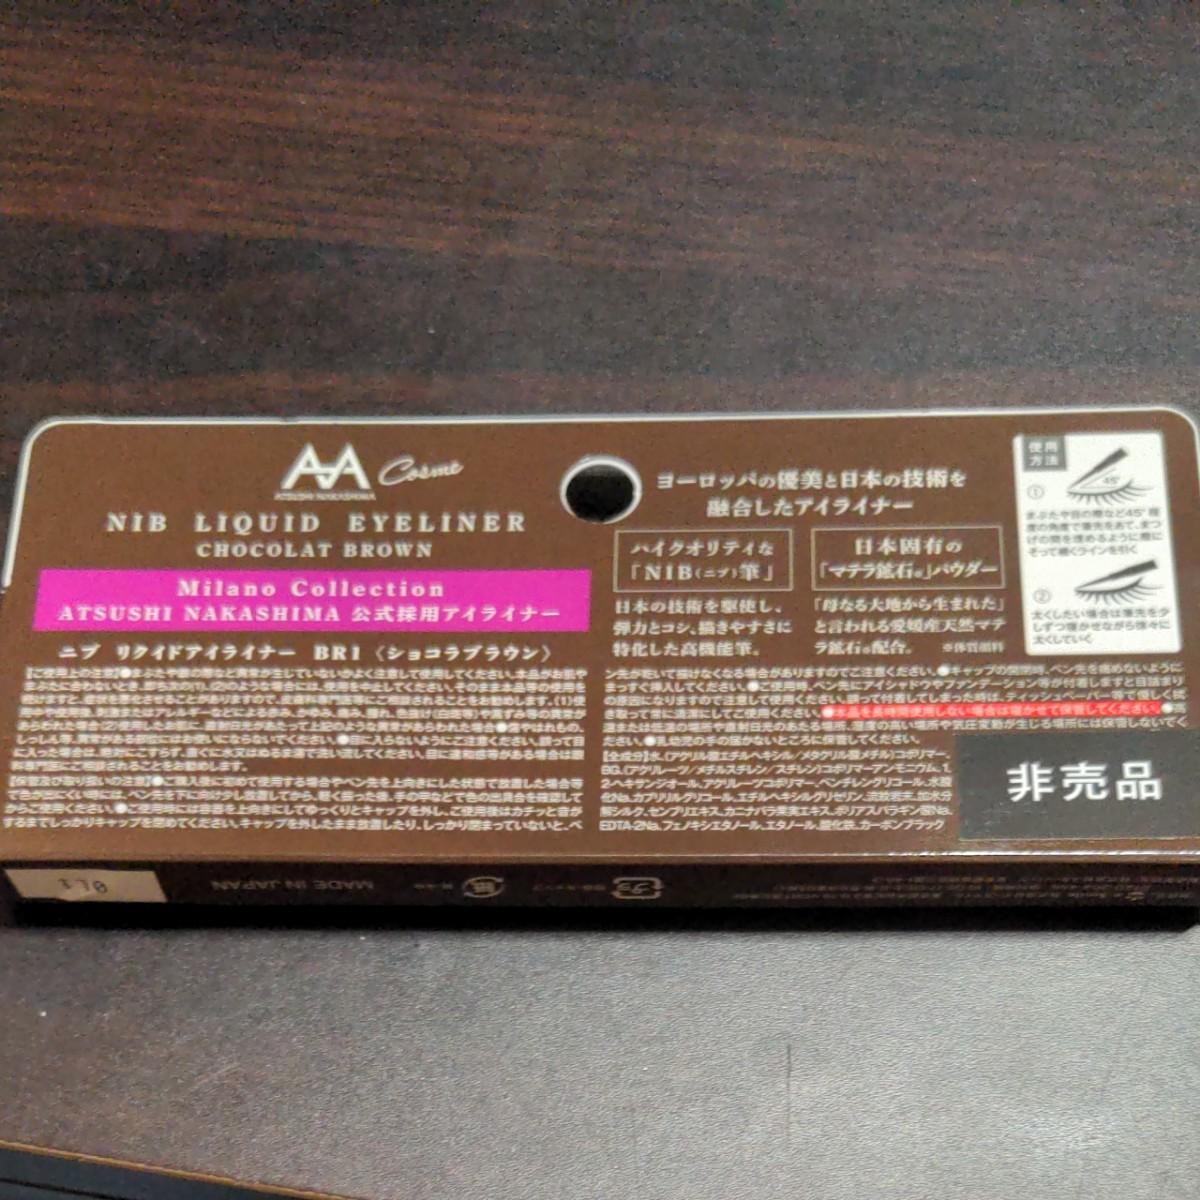 【値下】ニブ NIB リクイドアイライナー BR1 ショコラブラウン